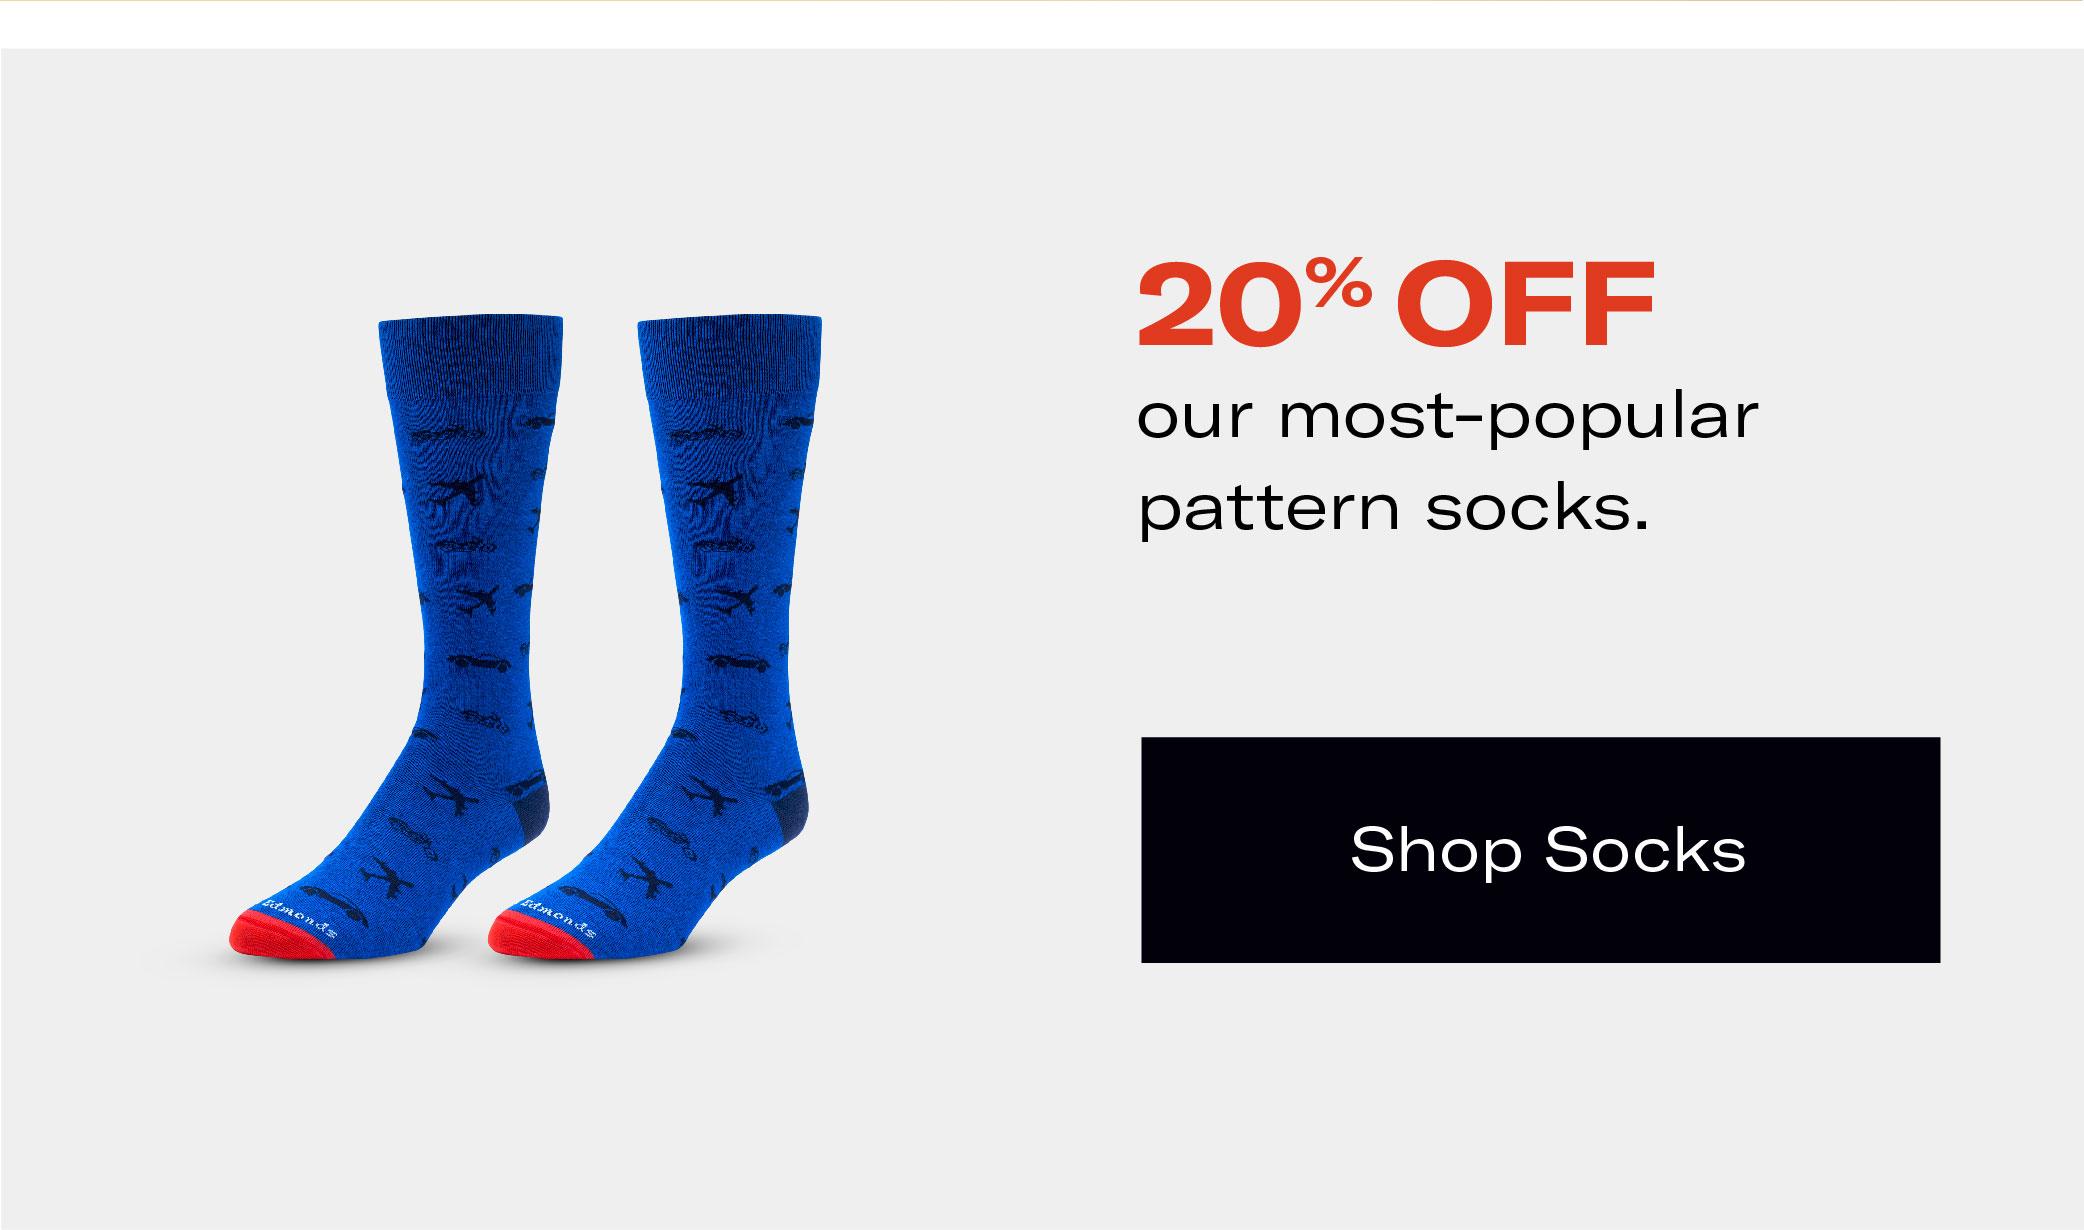 Save 20% on Socks